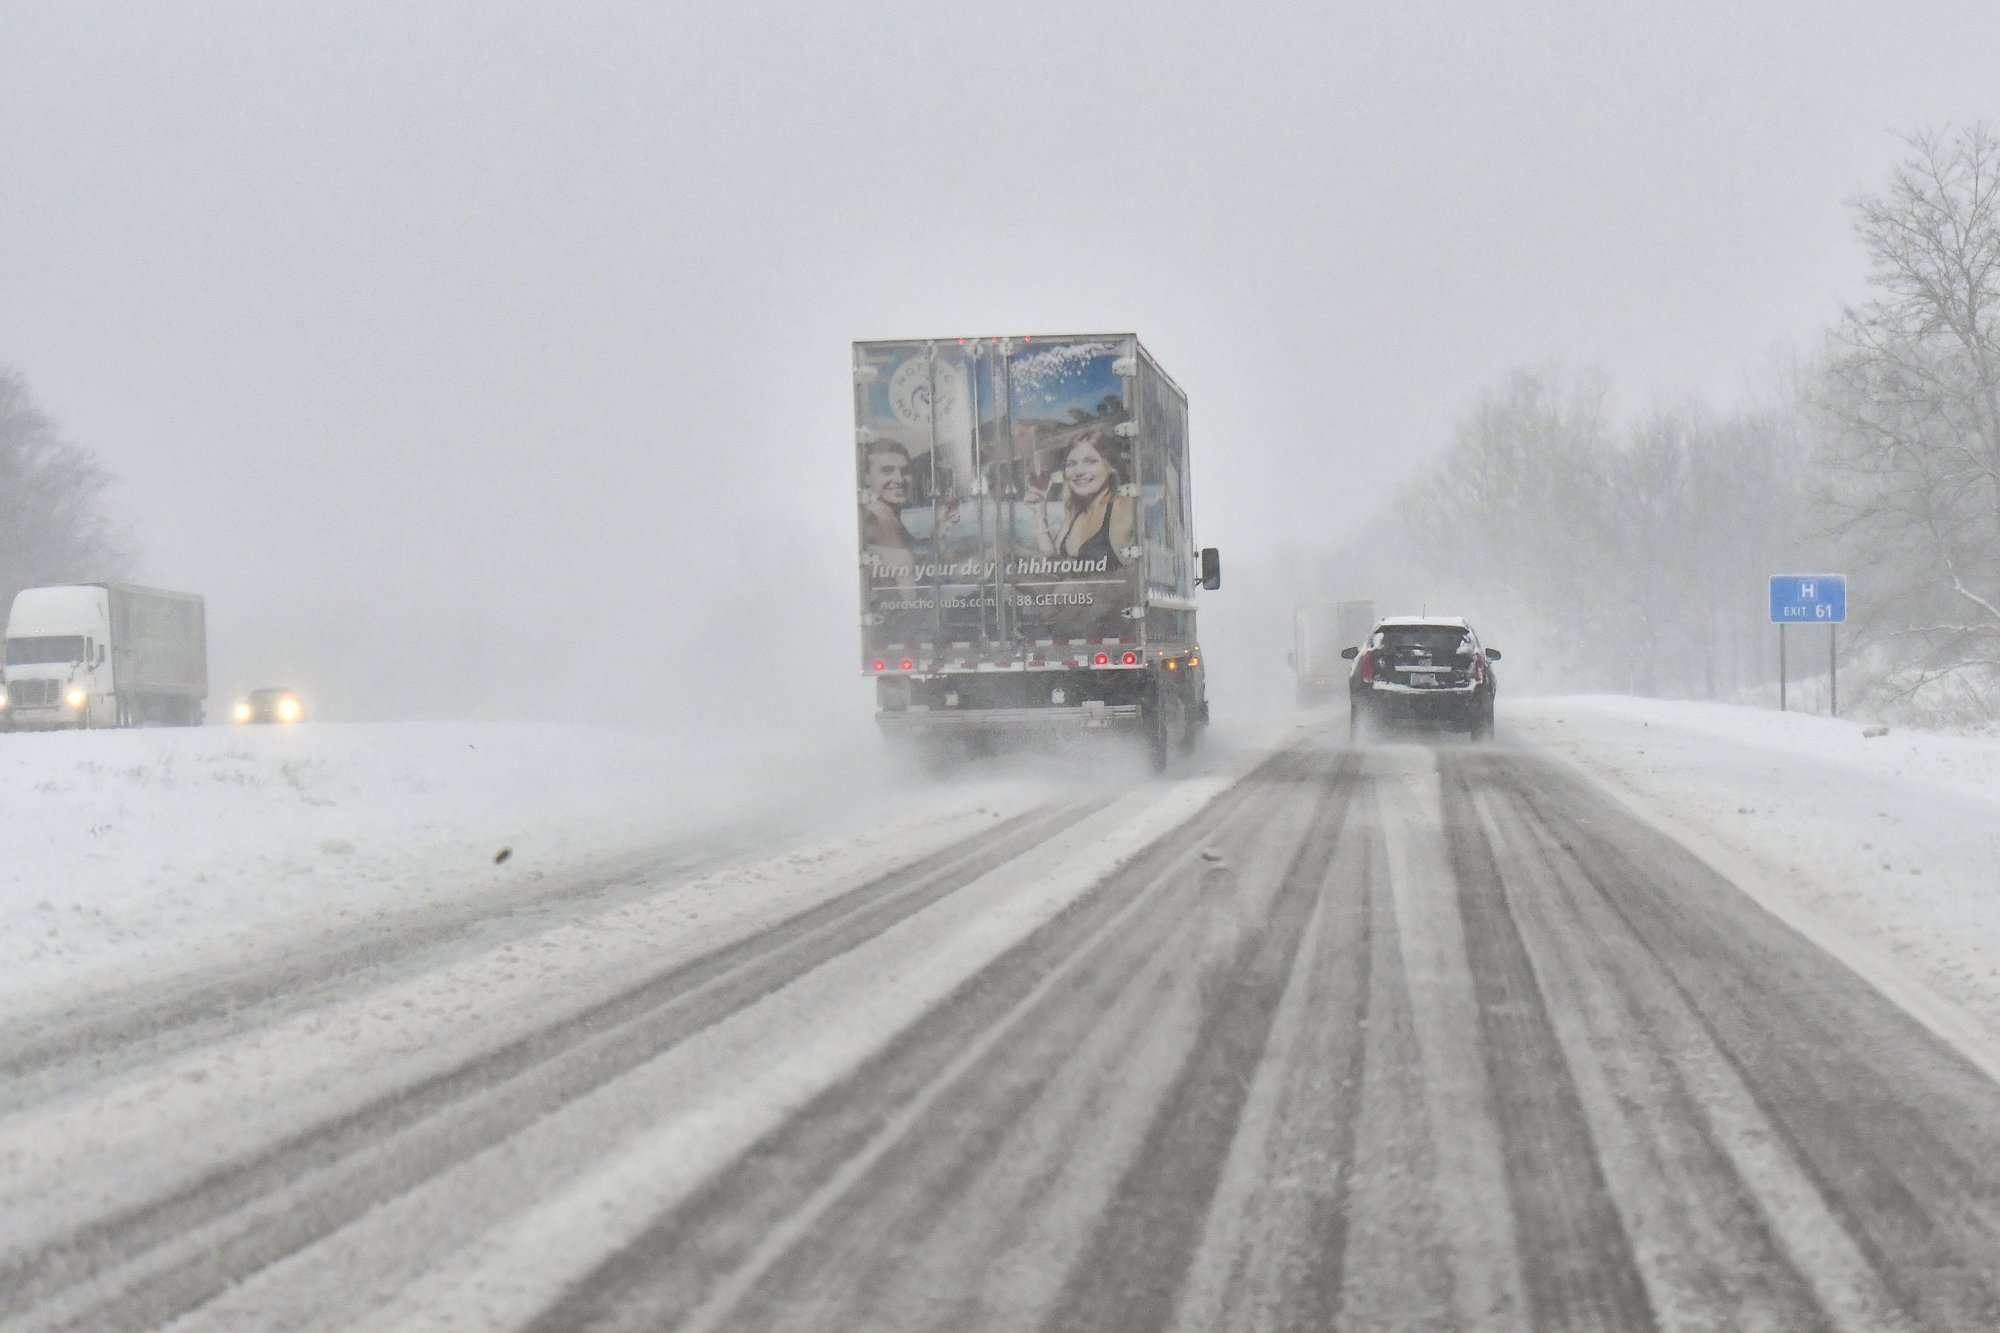 Las autoridades advirtieron que los caminos estaban helados y cubiertos de nieve y animaron a las personas a mantenerse fuera de los caminos a menos que el viaje fuera esencial. AP